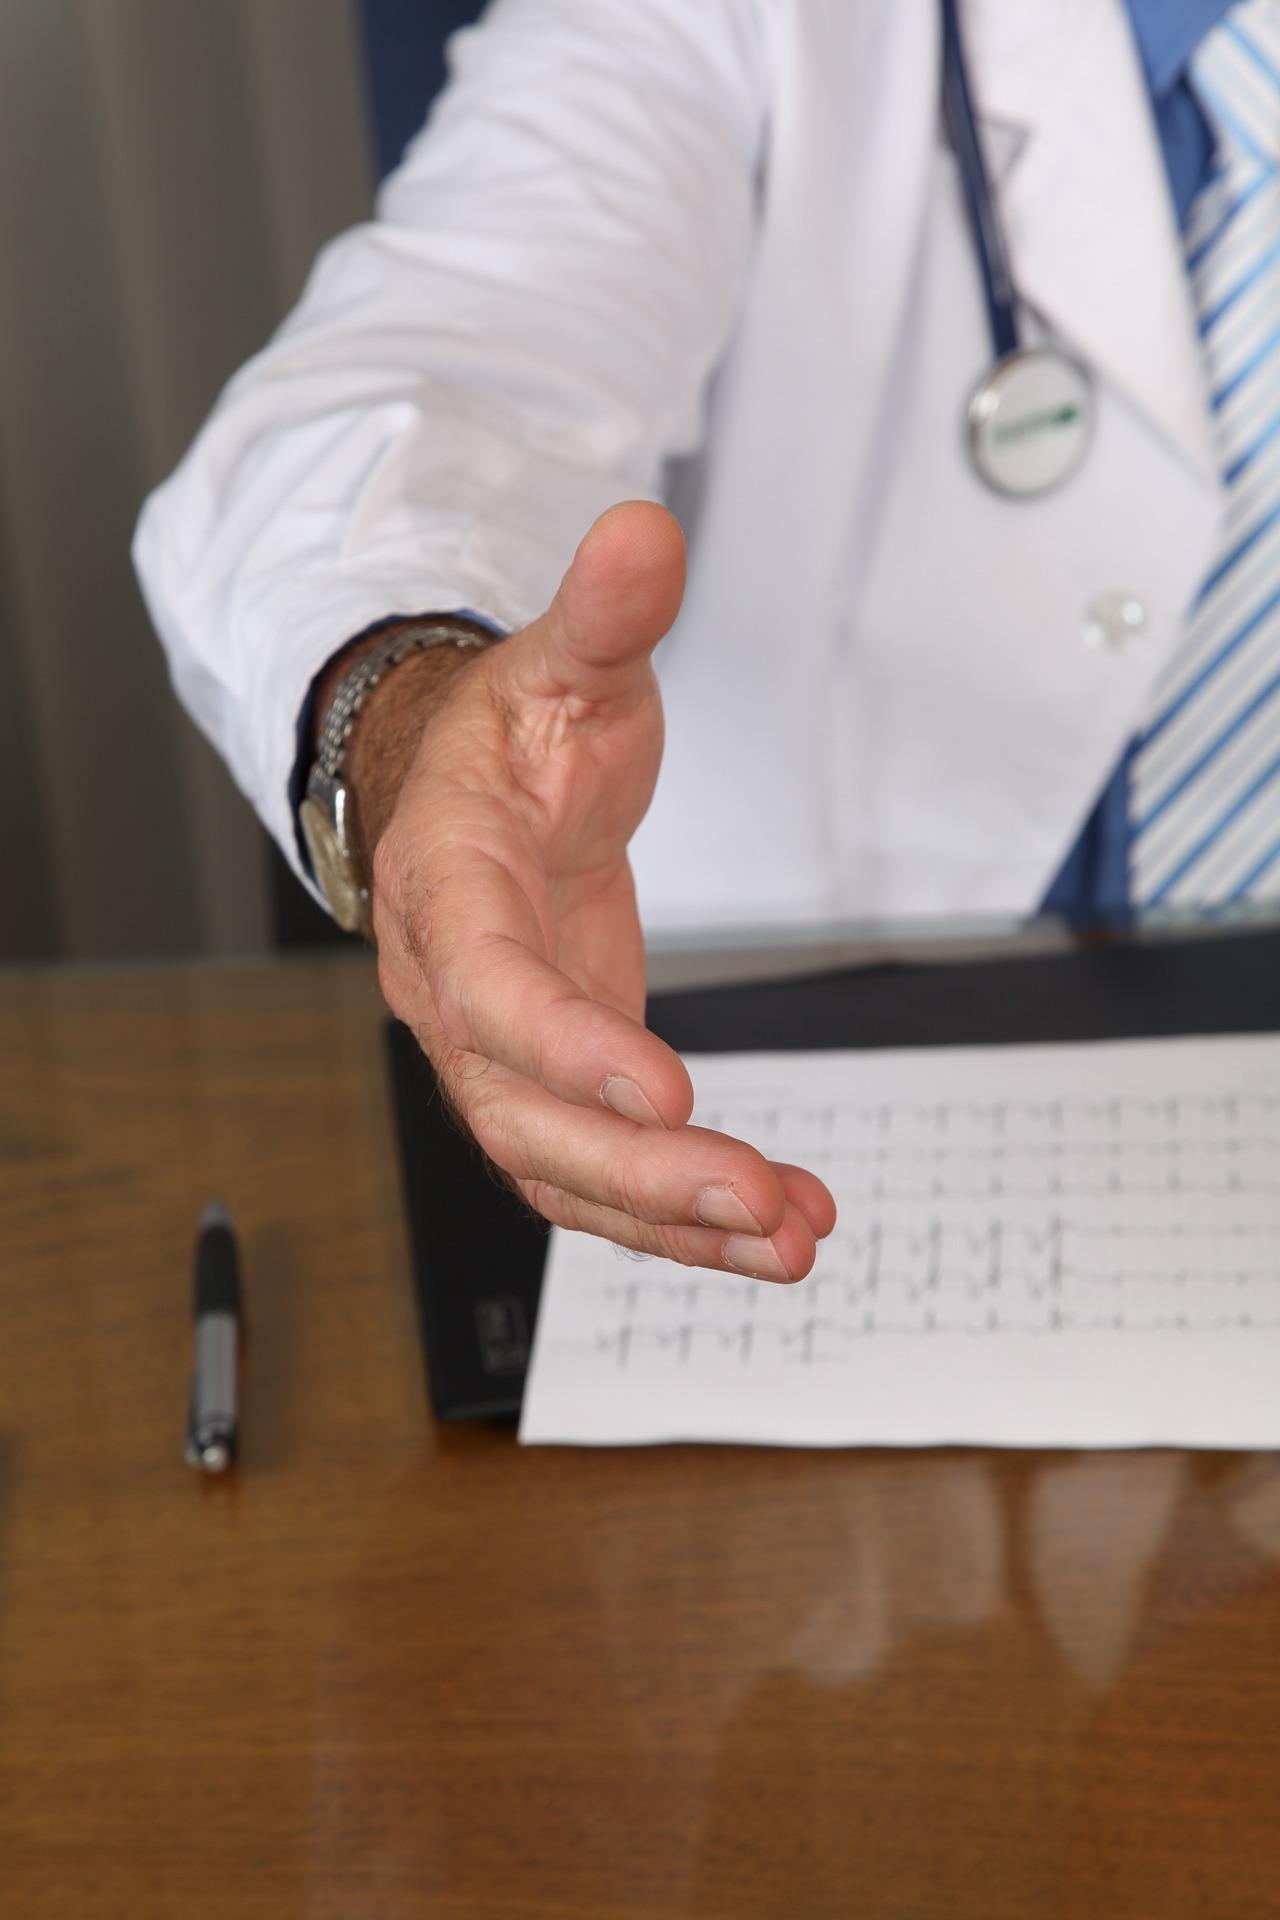 doctor 1228629 1920 - Mnozí lékaři už slouží druhé Vědě